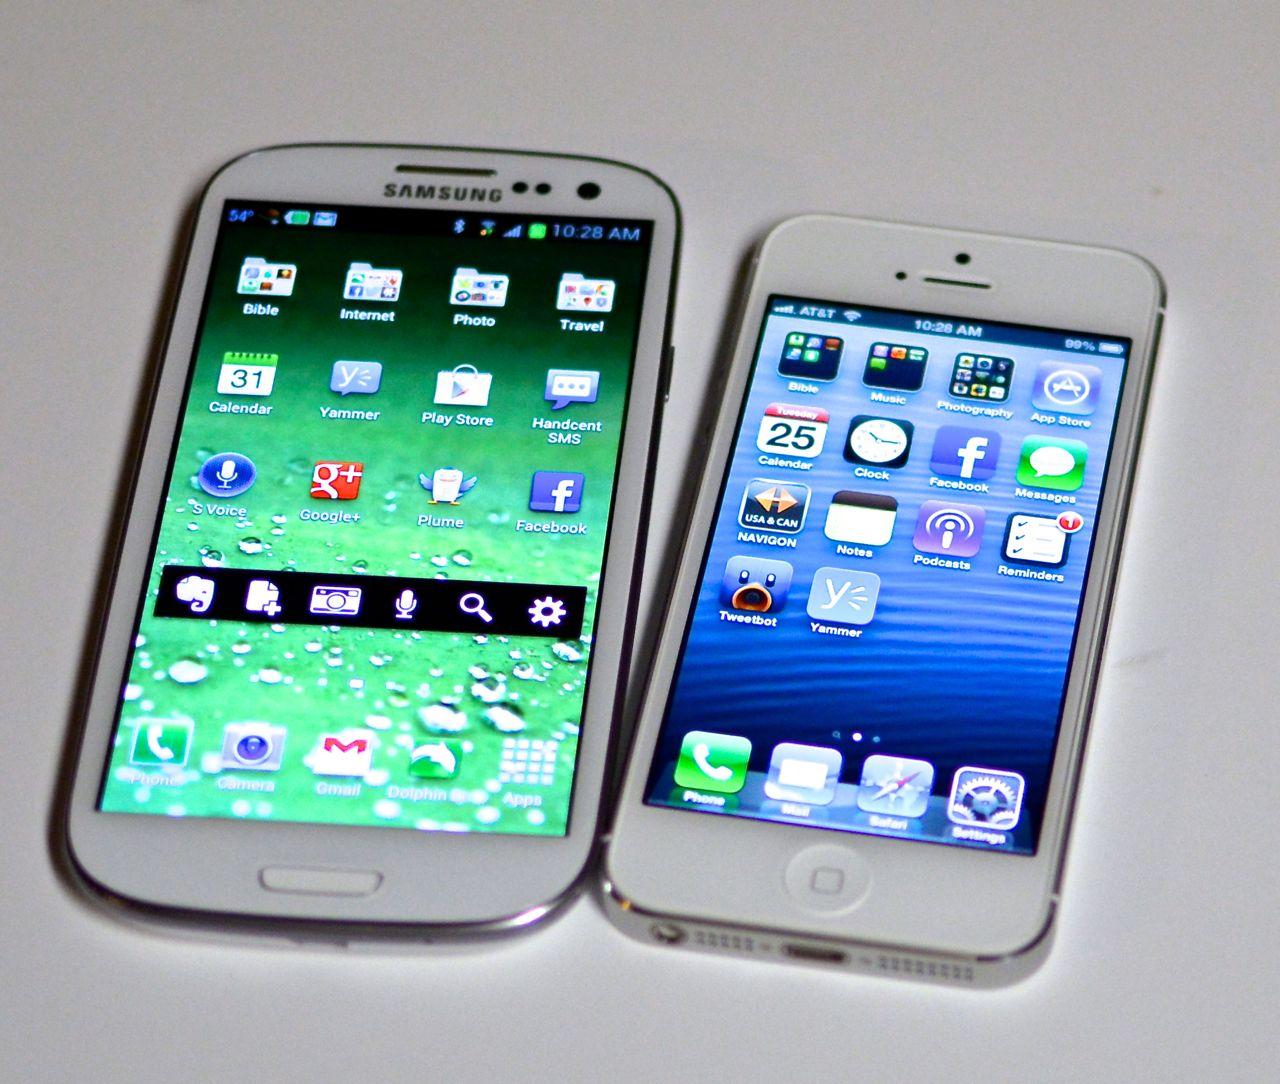 samsung galaxy s iii and apple iphone 5